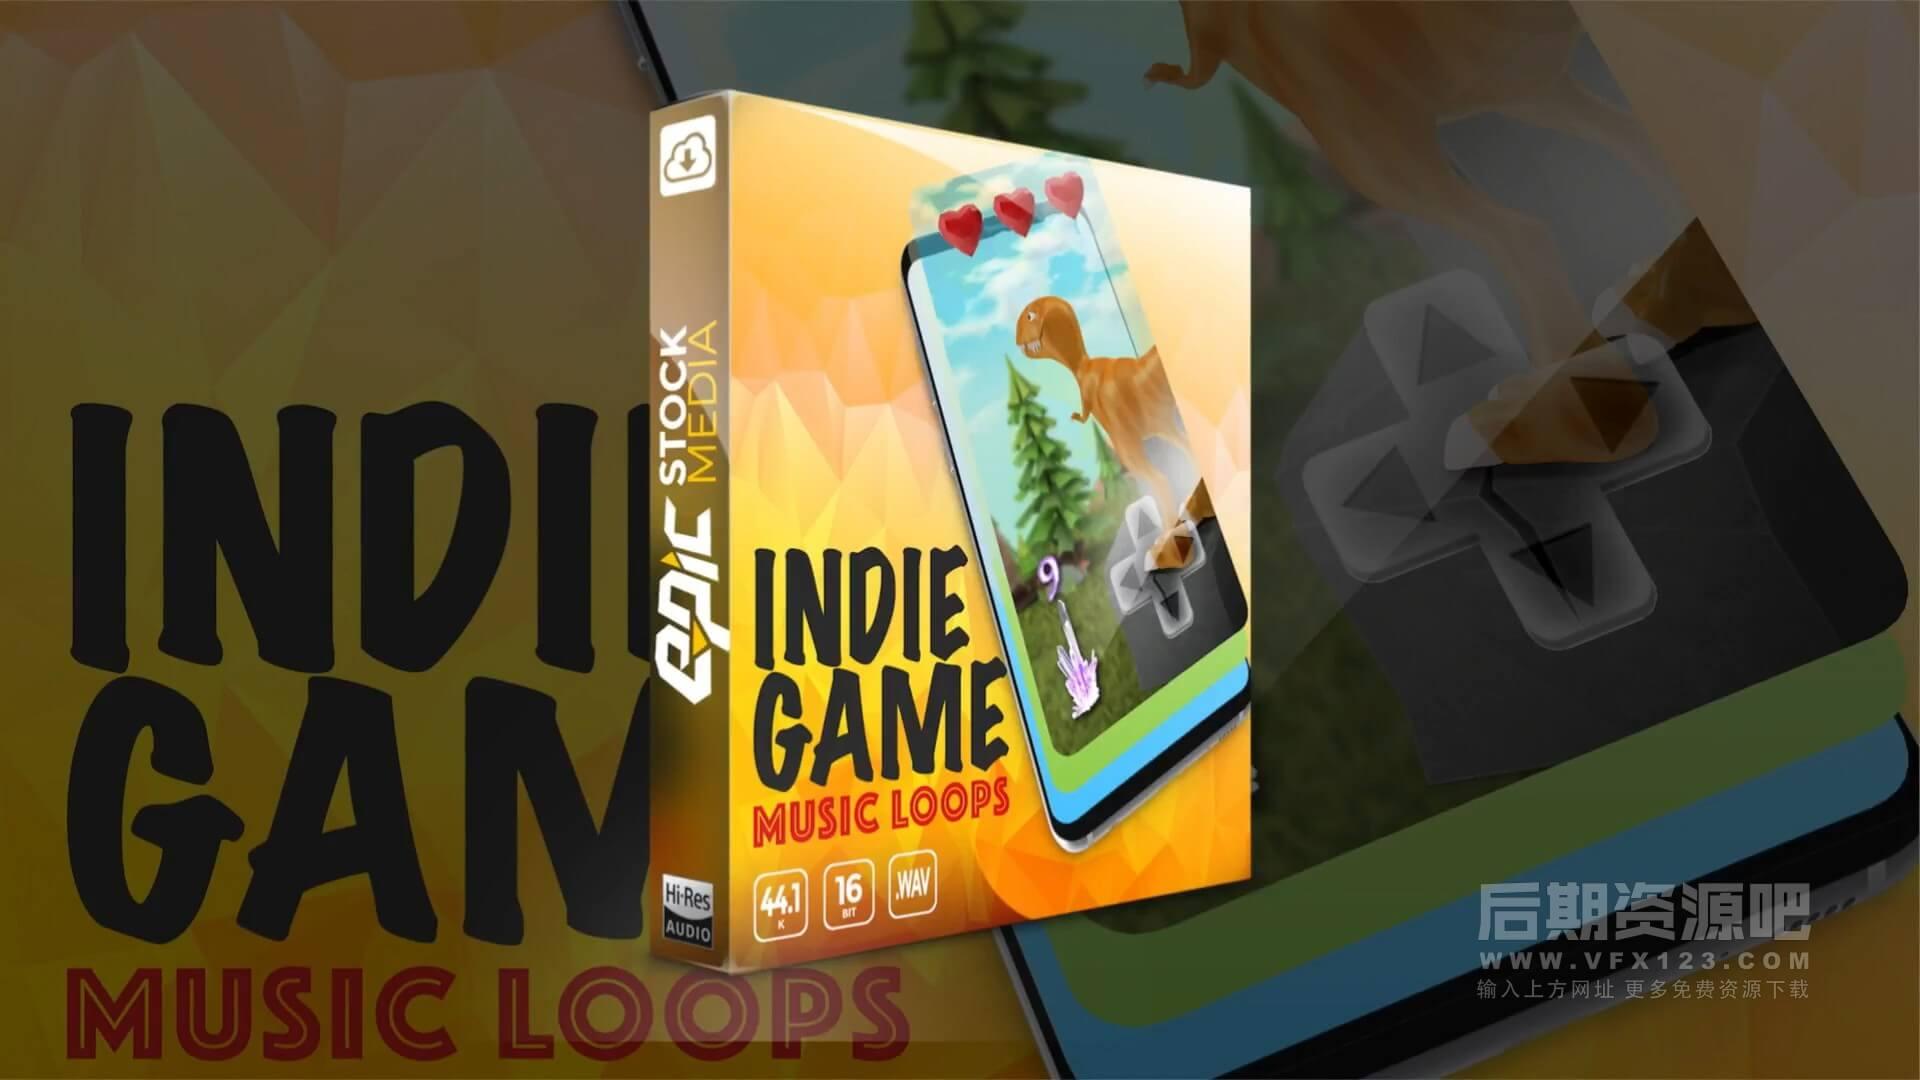 配乐素材 有趣轻松欢乐游戏可循环音乐 Indie Game Music Loops